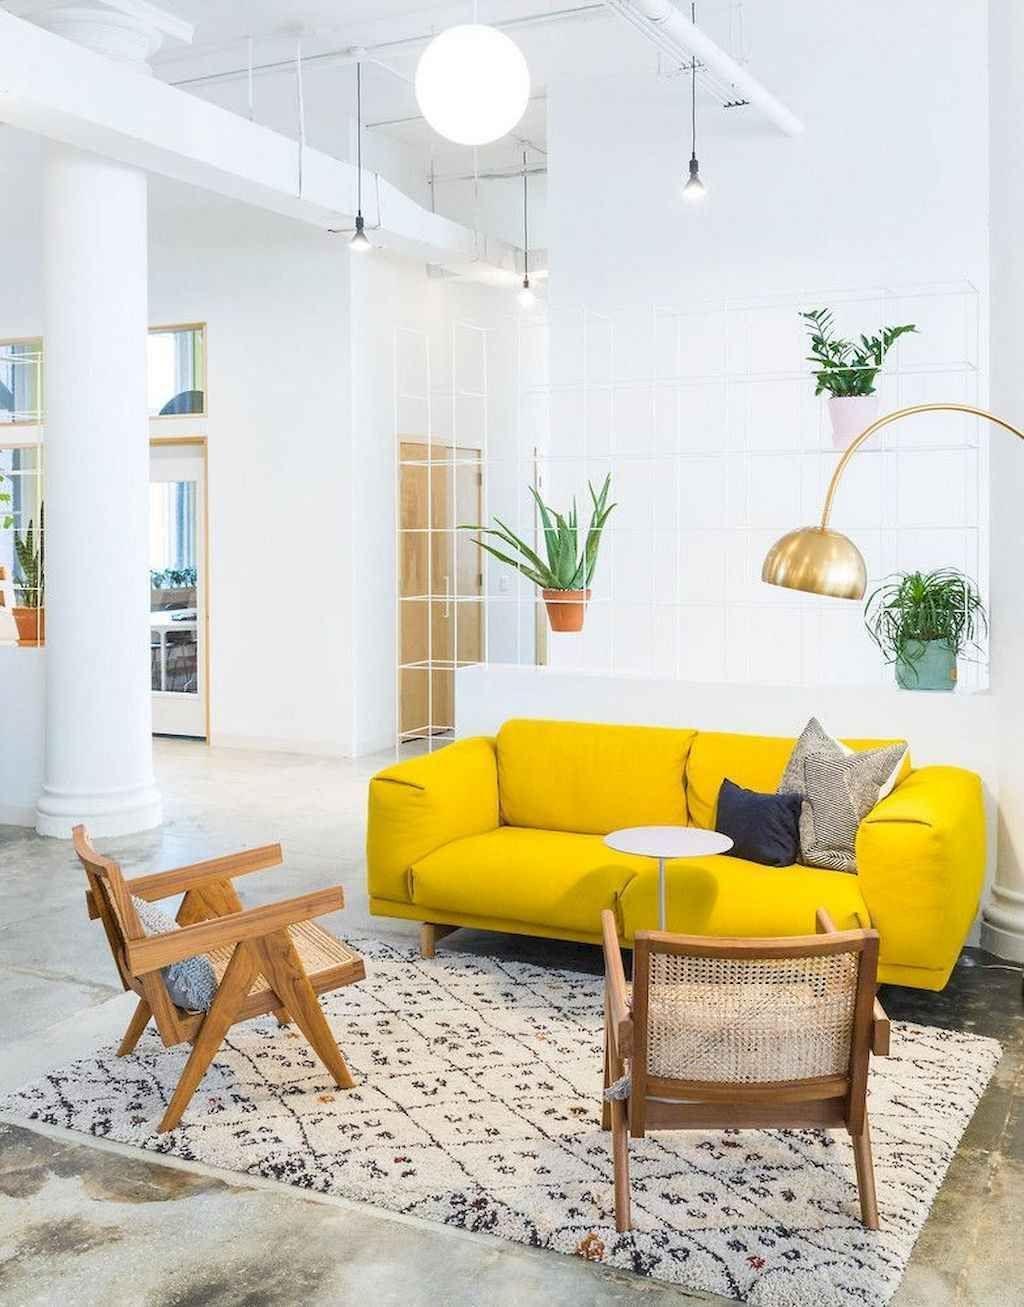 16 schönes gelbes Sofa für Wohnzimmer-Dekor-Ideen